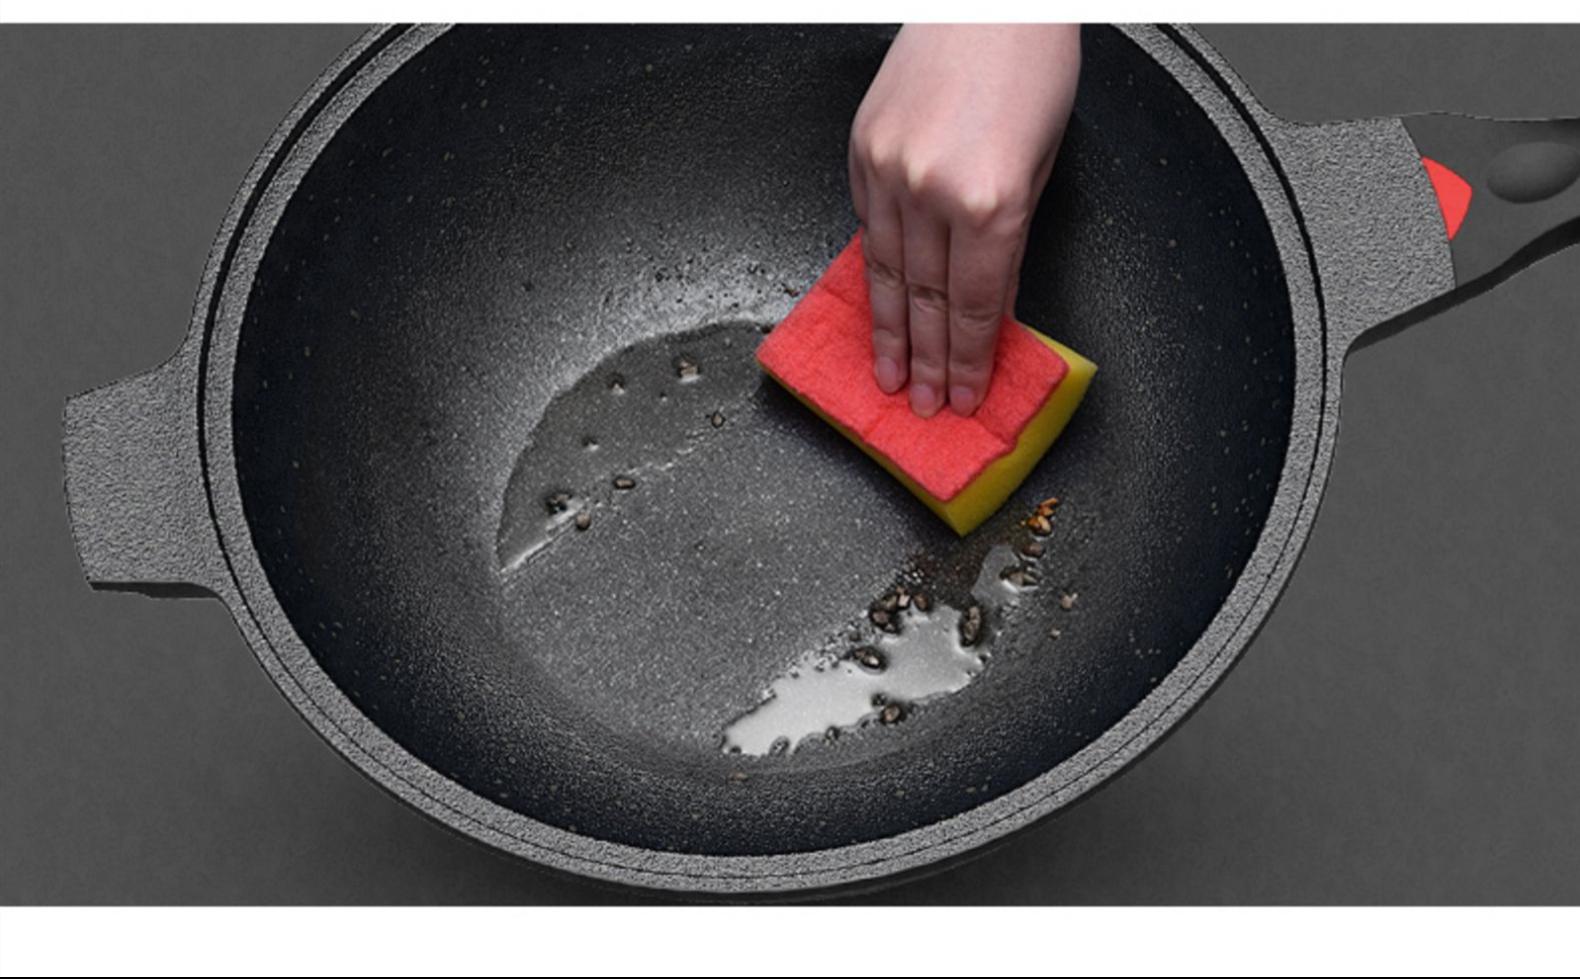 麦饭石锅是否安全,麦饭石锅